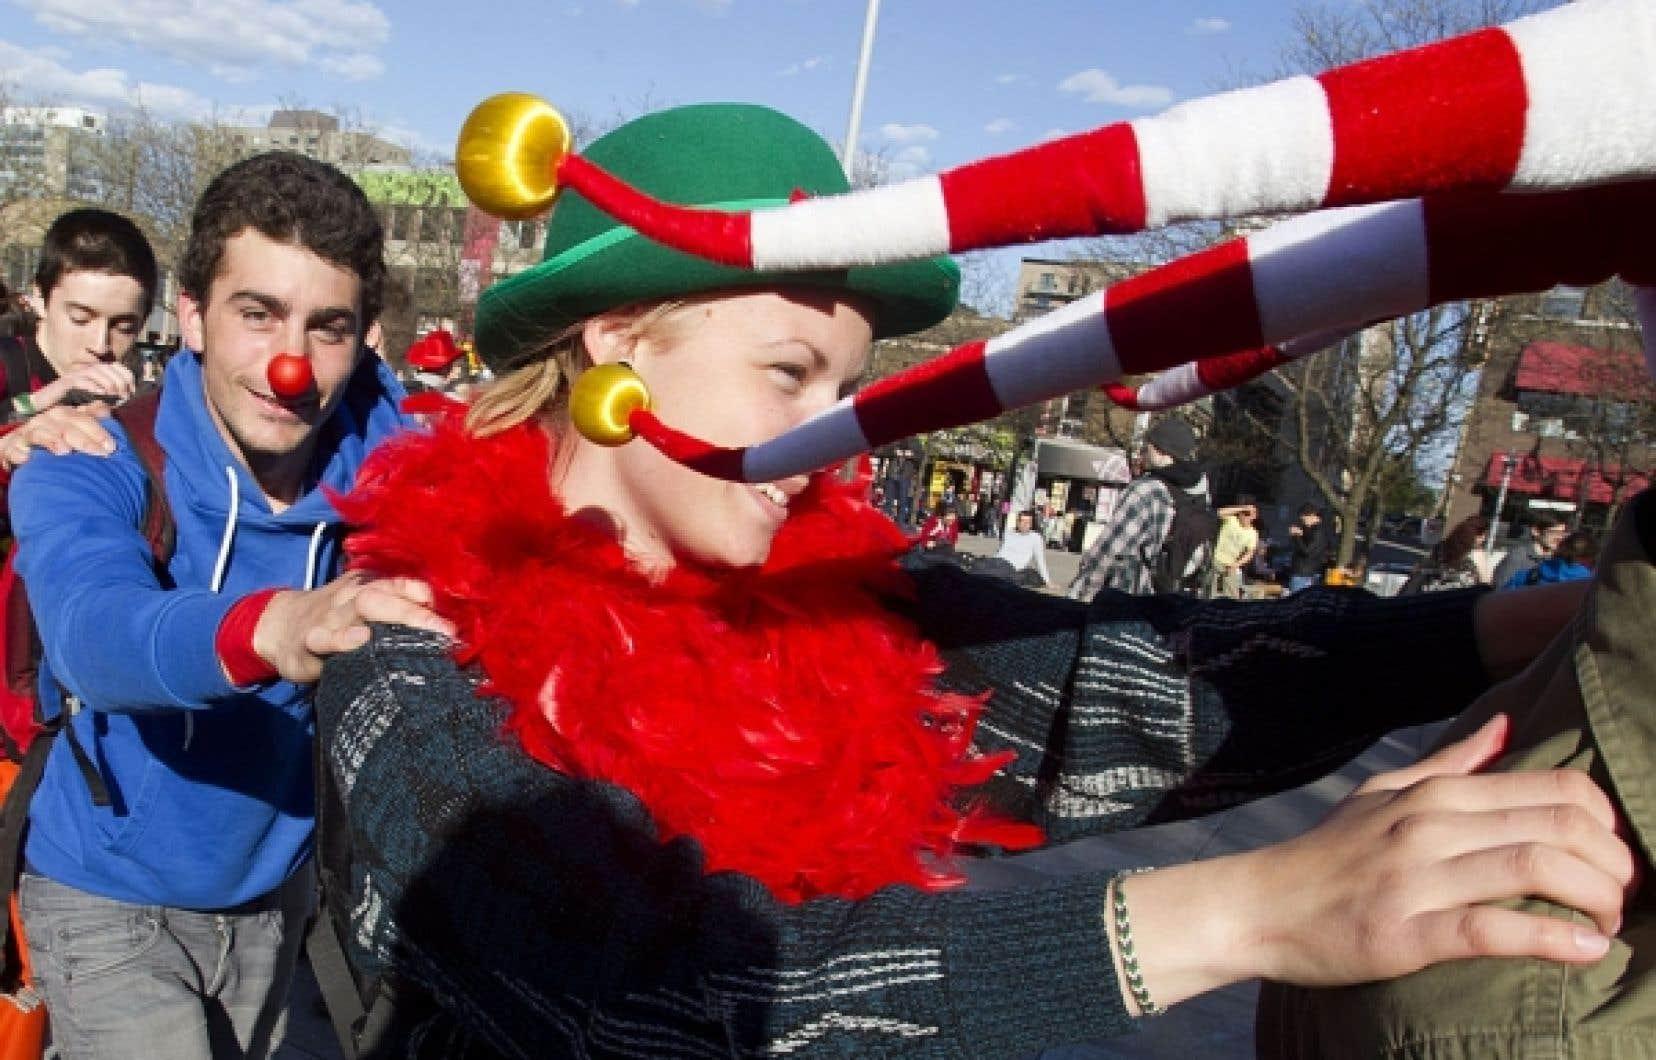 <div> Manifestation &eacute;tudiante festive hier apr&egrave;s-midi au centre-ville de Montr&eacute;al.</div>